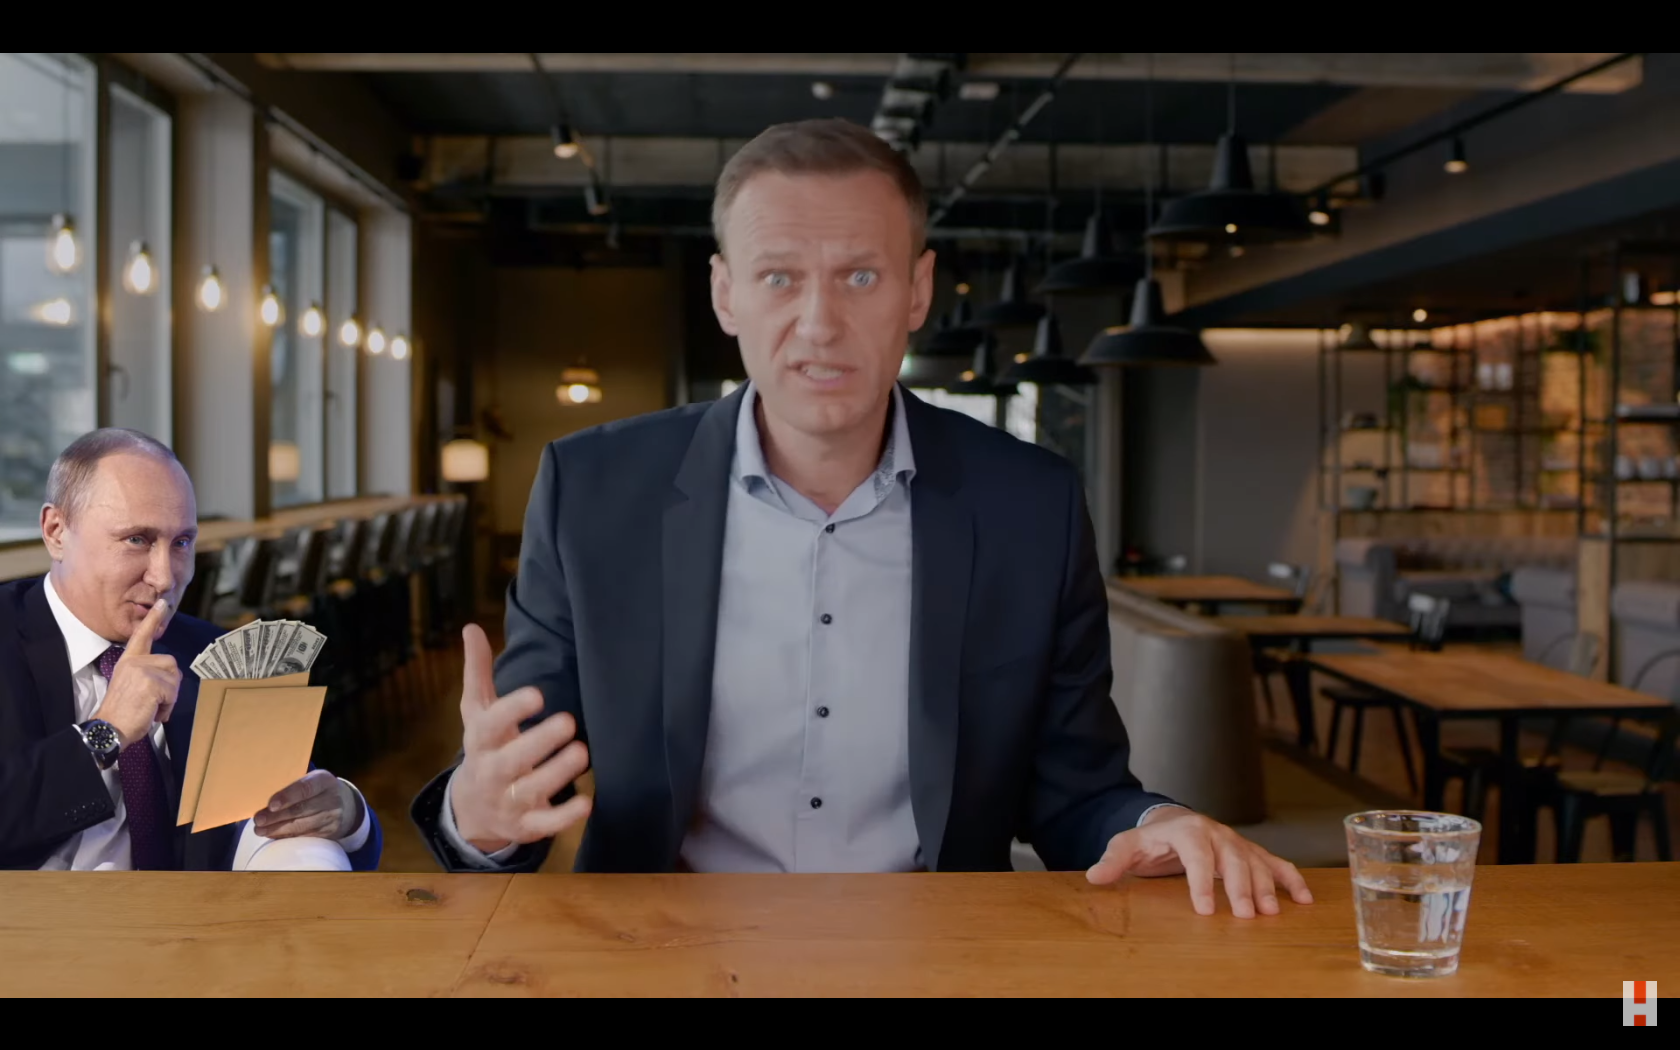 Rosjanie wyszli na protesty. Jaki jest plan Aleksieja Nawalnego?